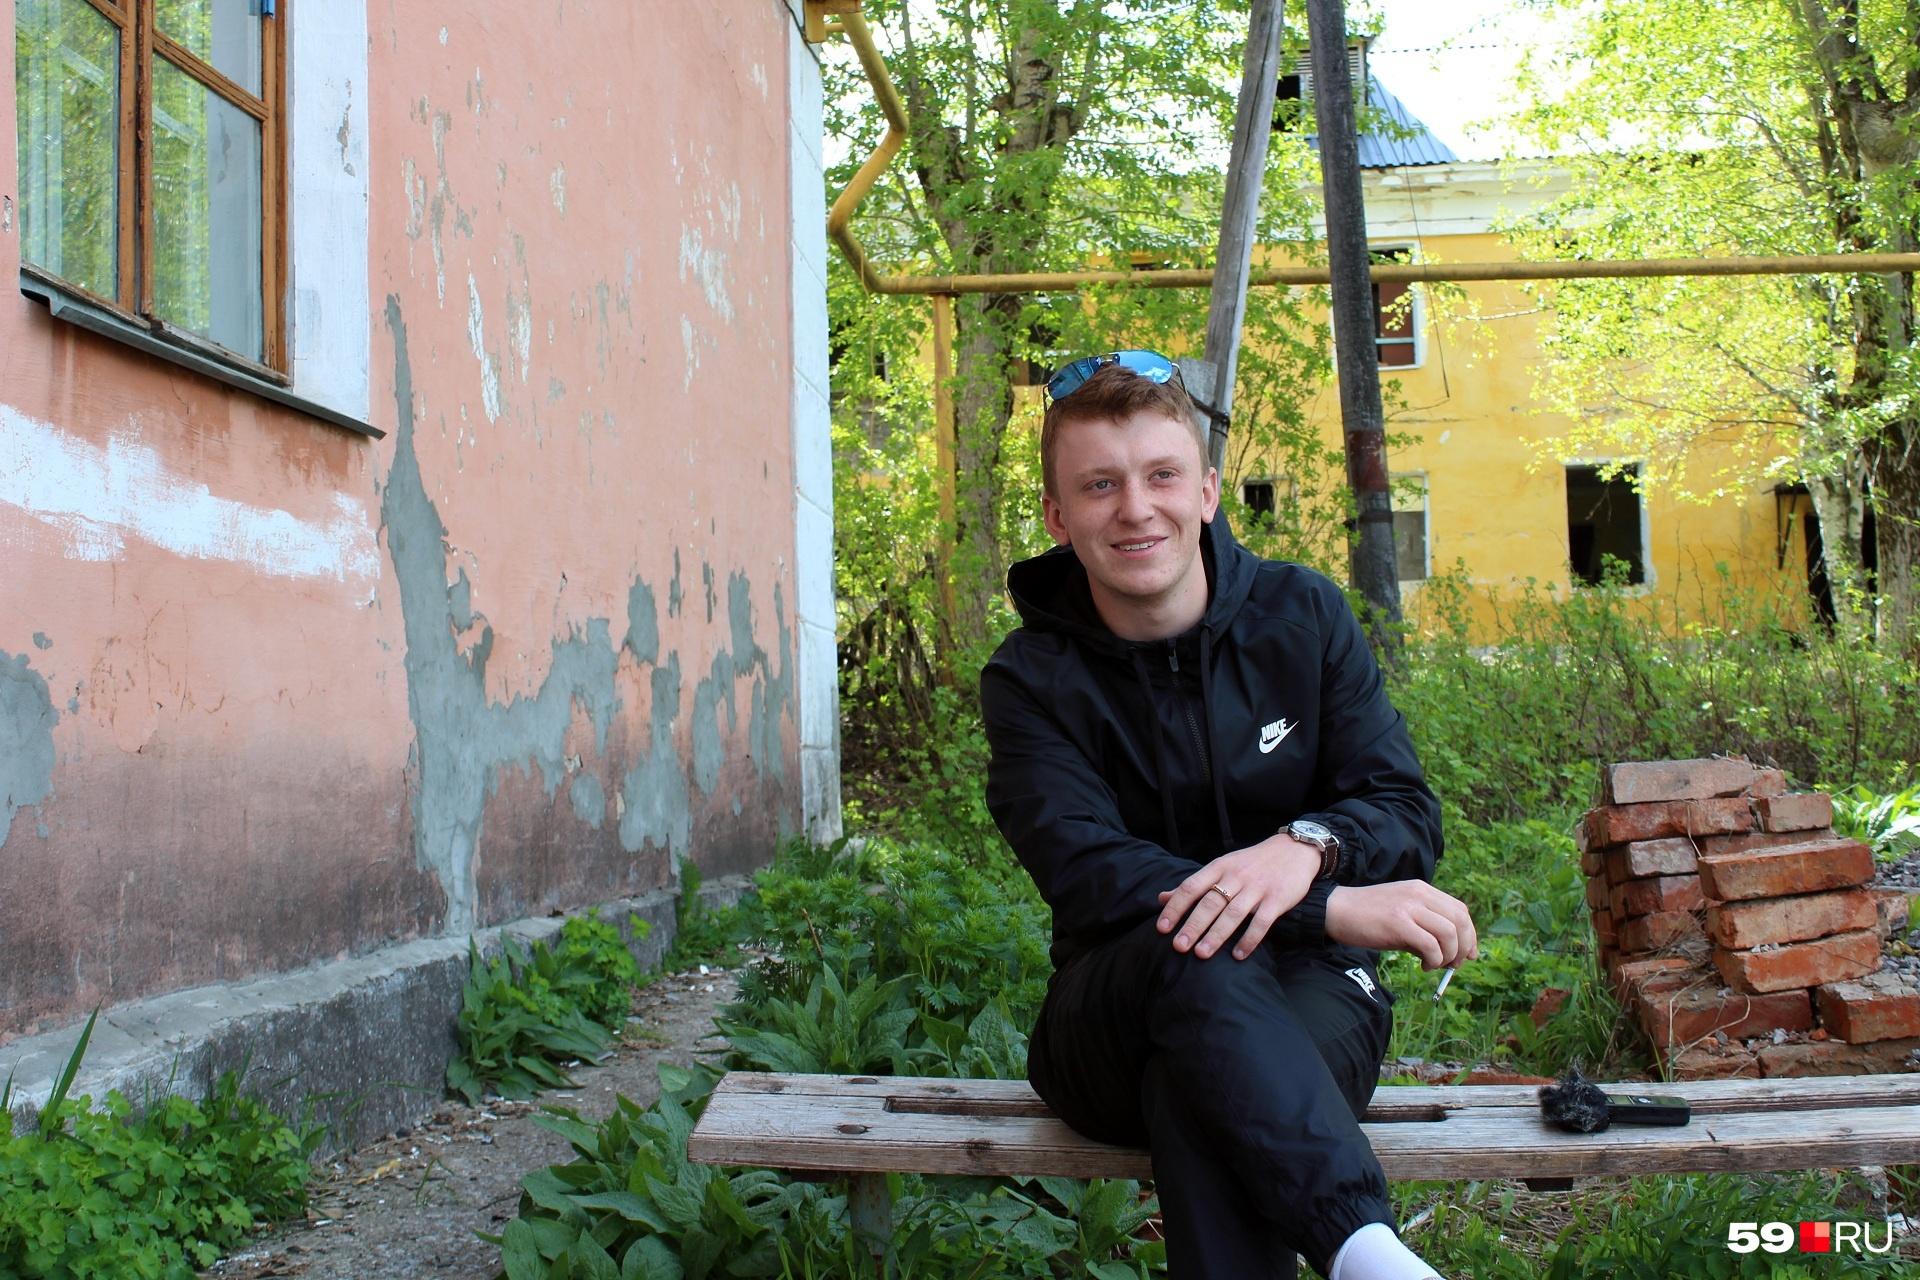 Кирилл хочет эмигрировать. Он поступил в английскую школу, получил визу США